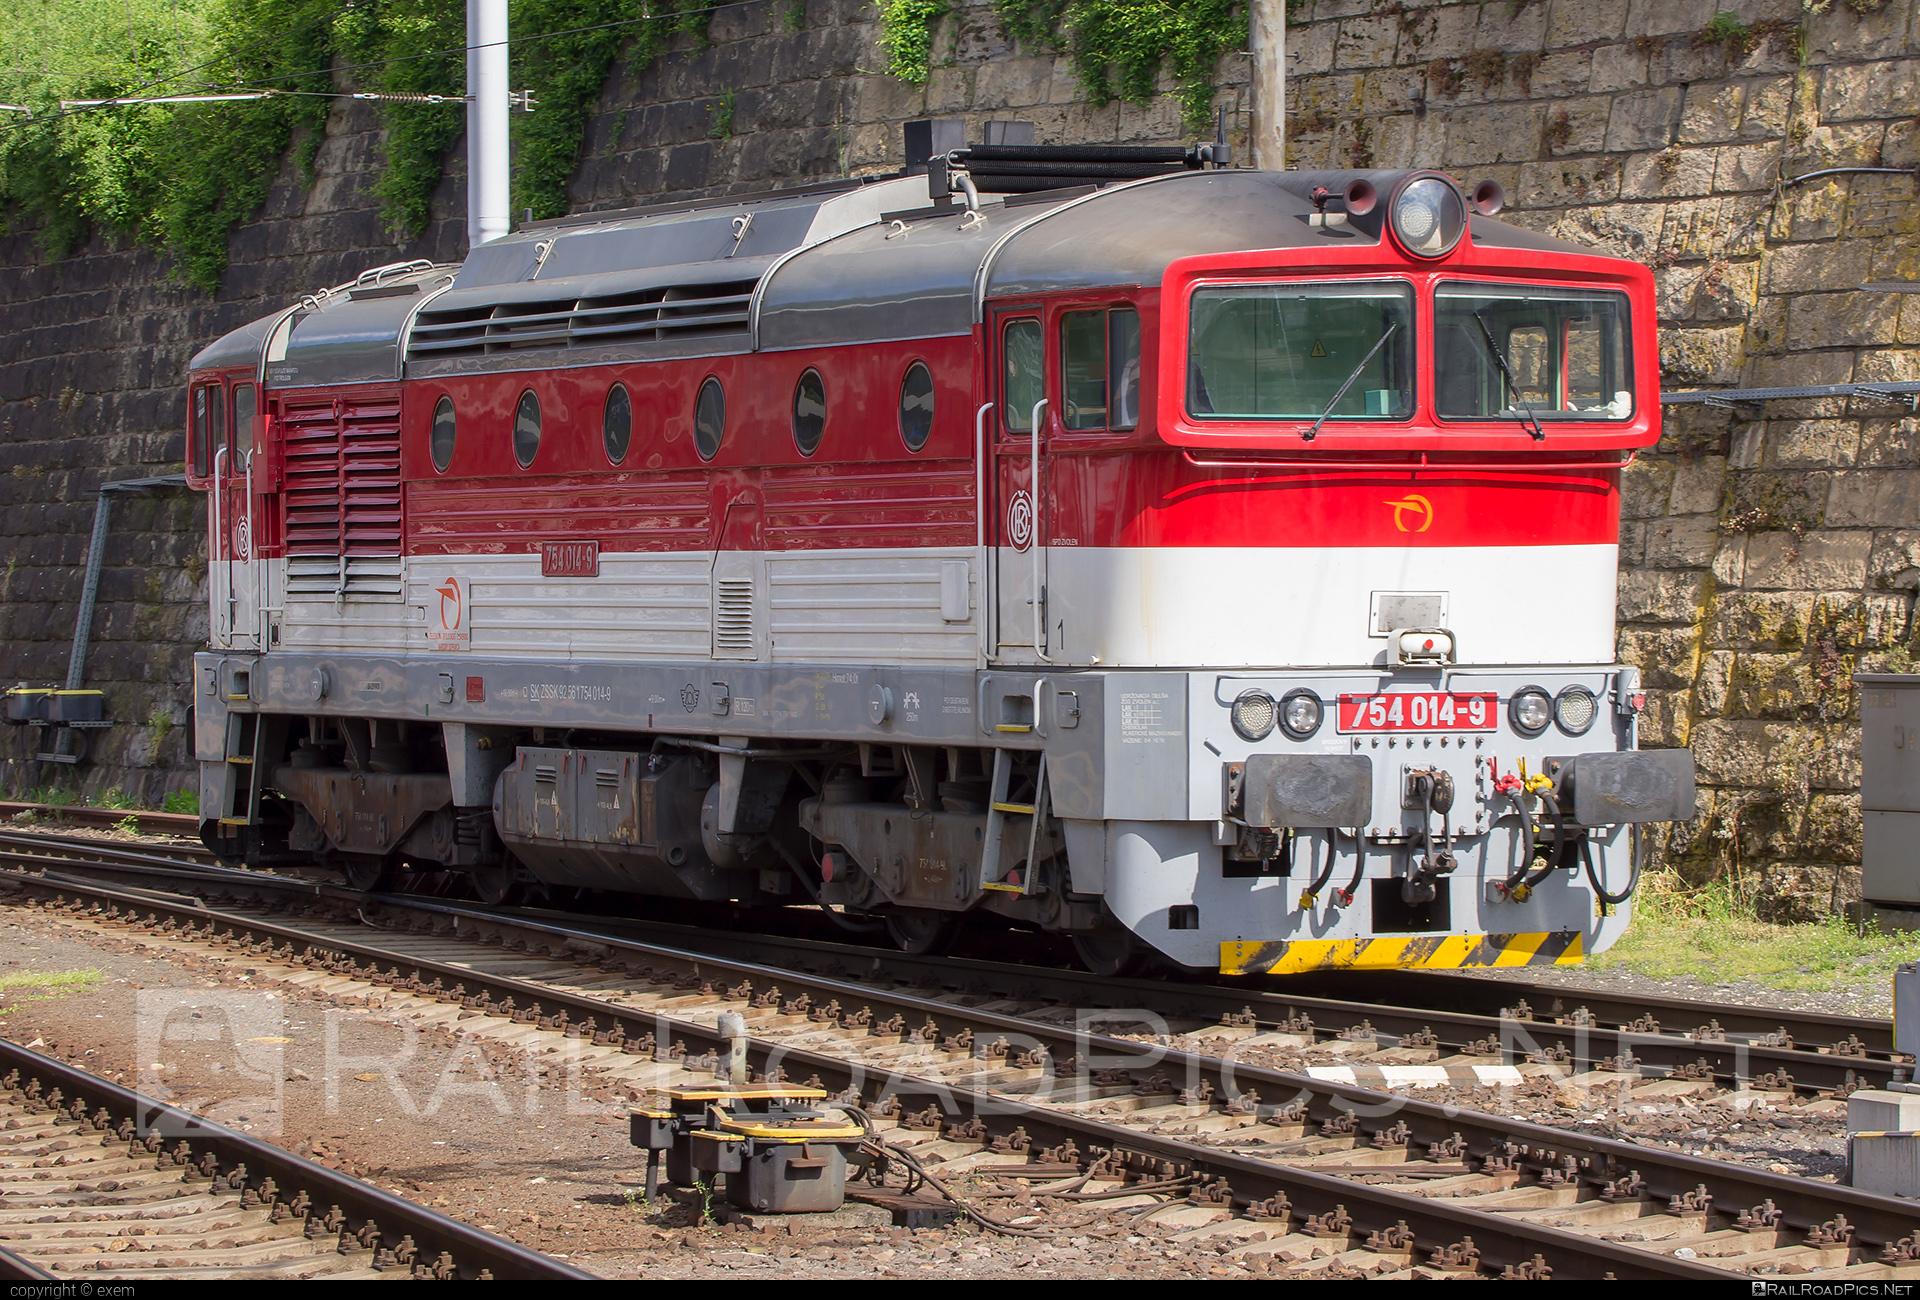 ČKD T 478.4 (754) - 754 014-9 operated by Železničná Spoločnost' Slovensko, a.s. #ZeleznicnaSpolocnostSlovensko #brejlovec #ckd #ckd4784 #ckd754 #ckdt4784 #lokomotiva754 #okuliarnik #zssk